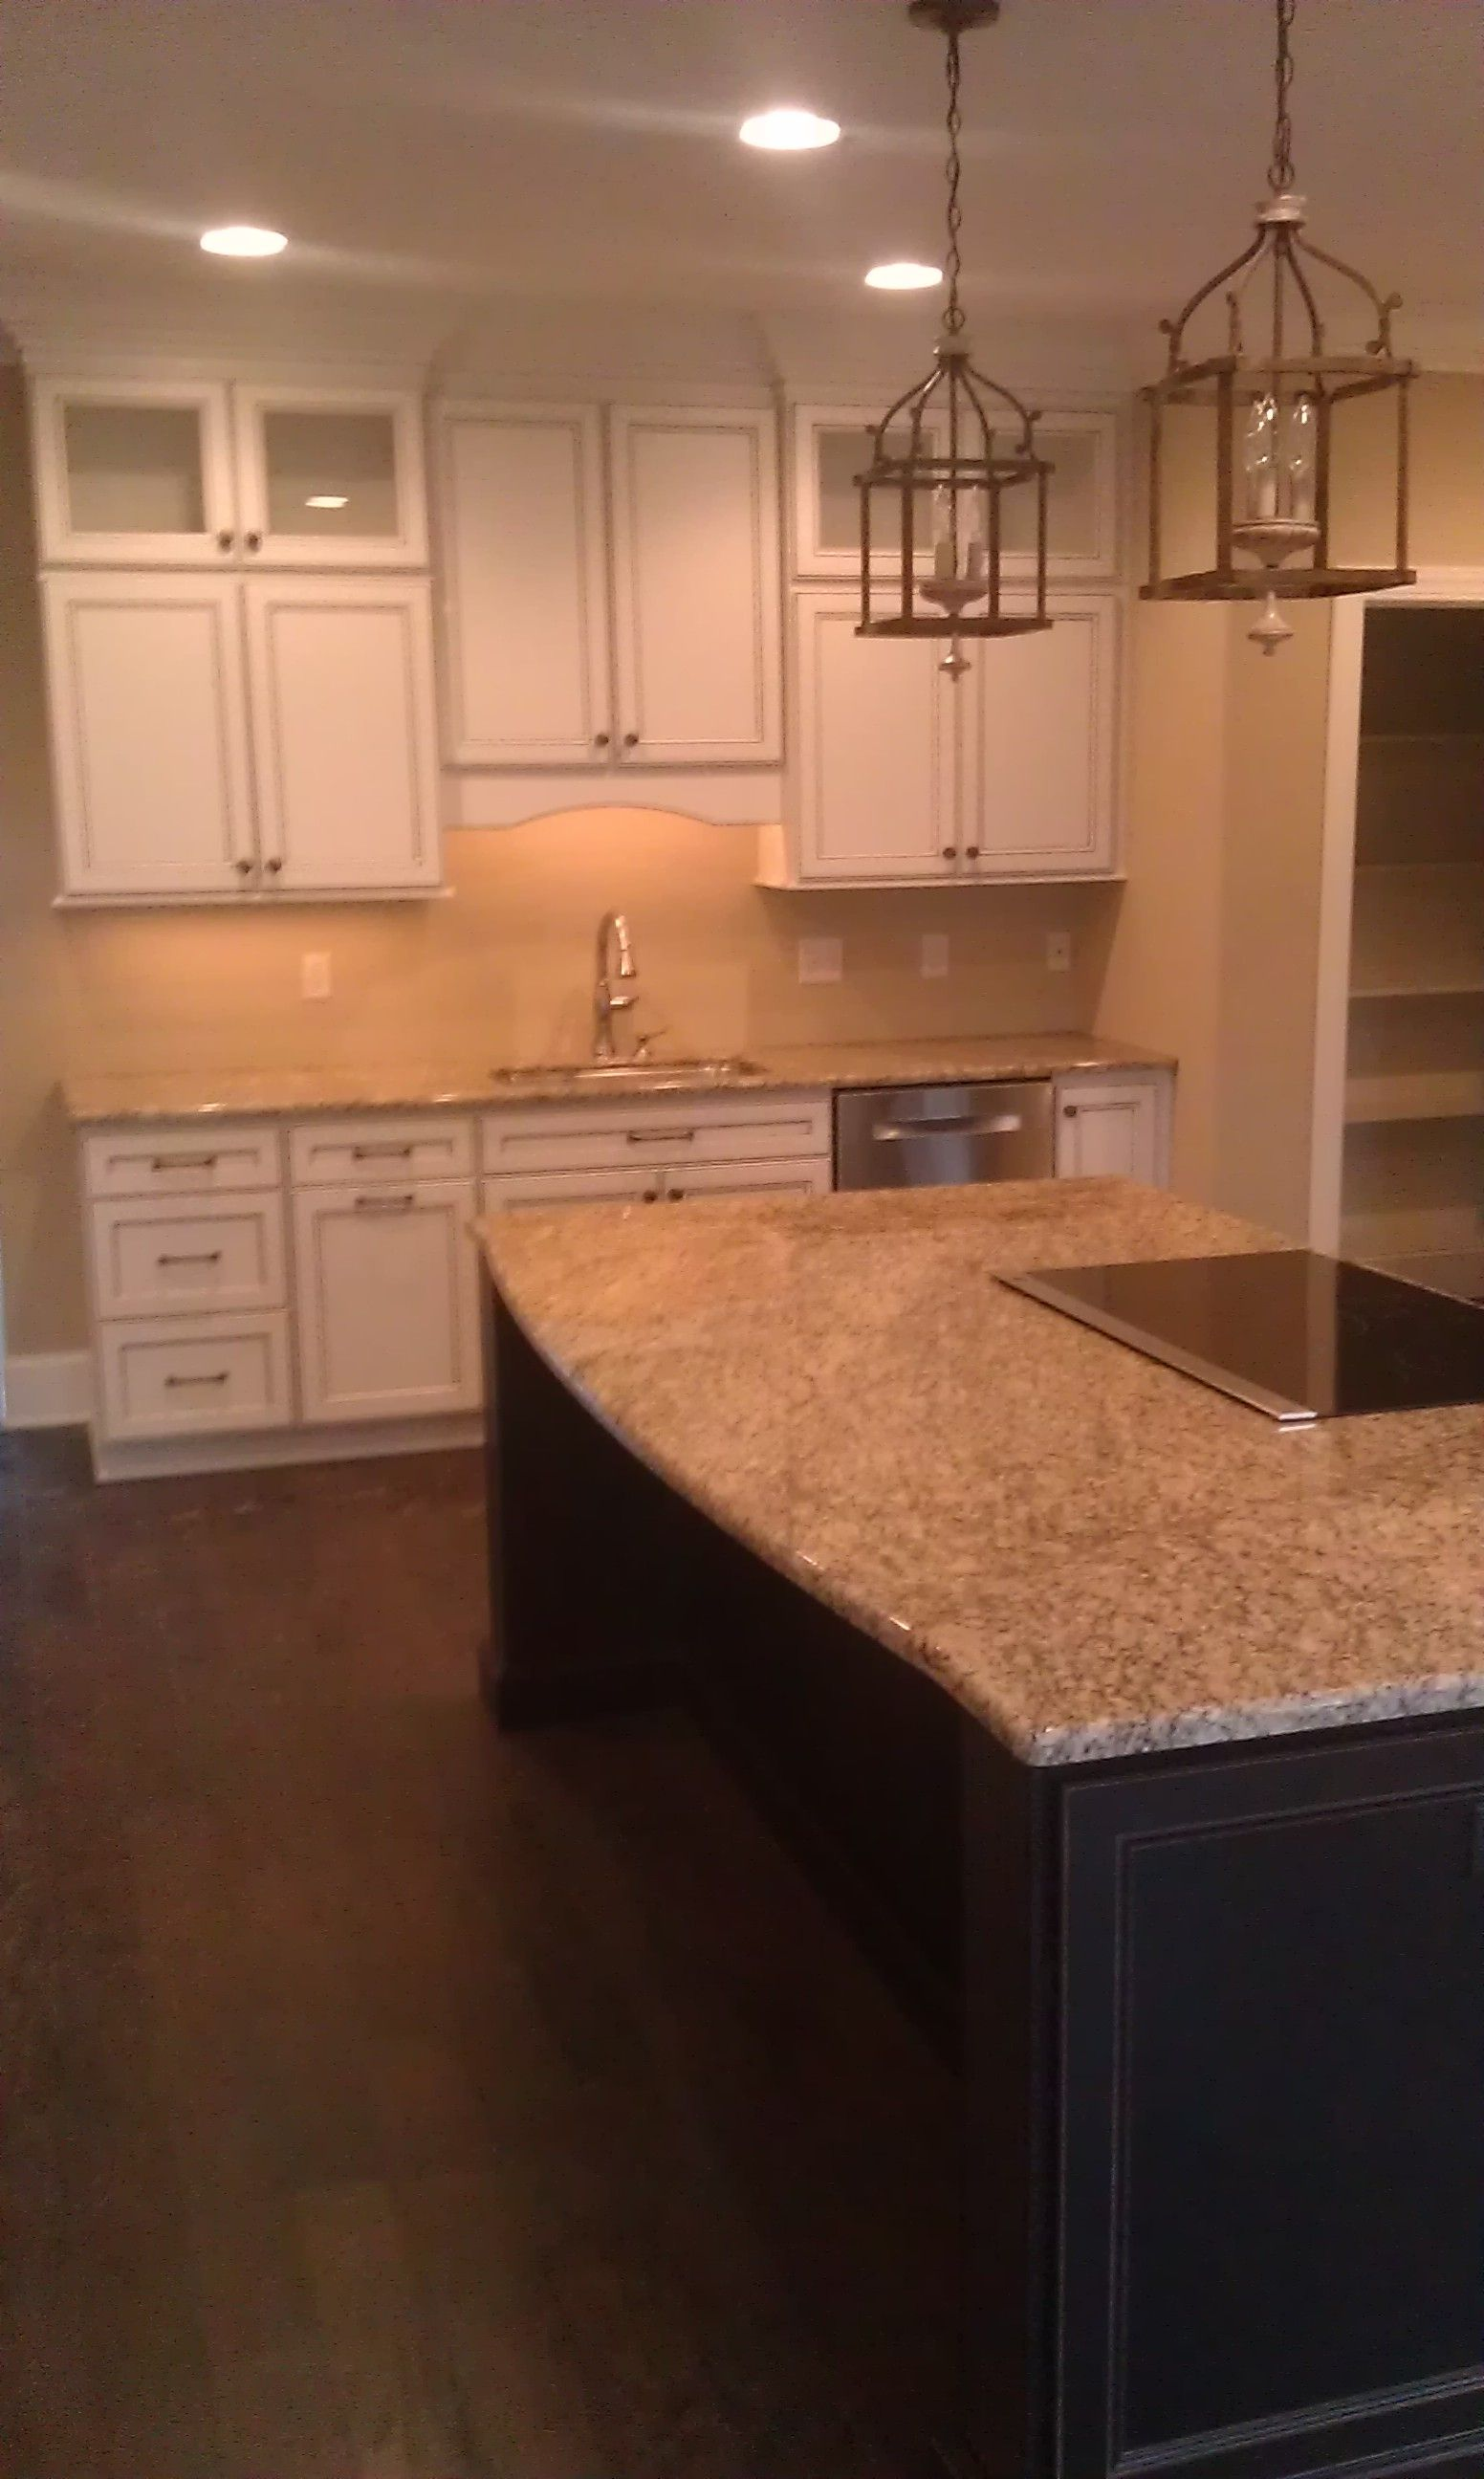 Kitchen cabinet - Homecrest cabinetry, Eastport Maple door ...